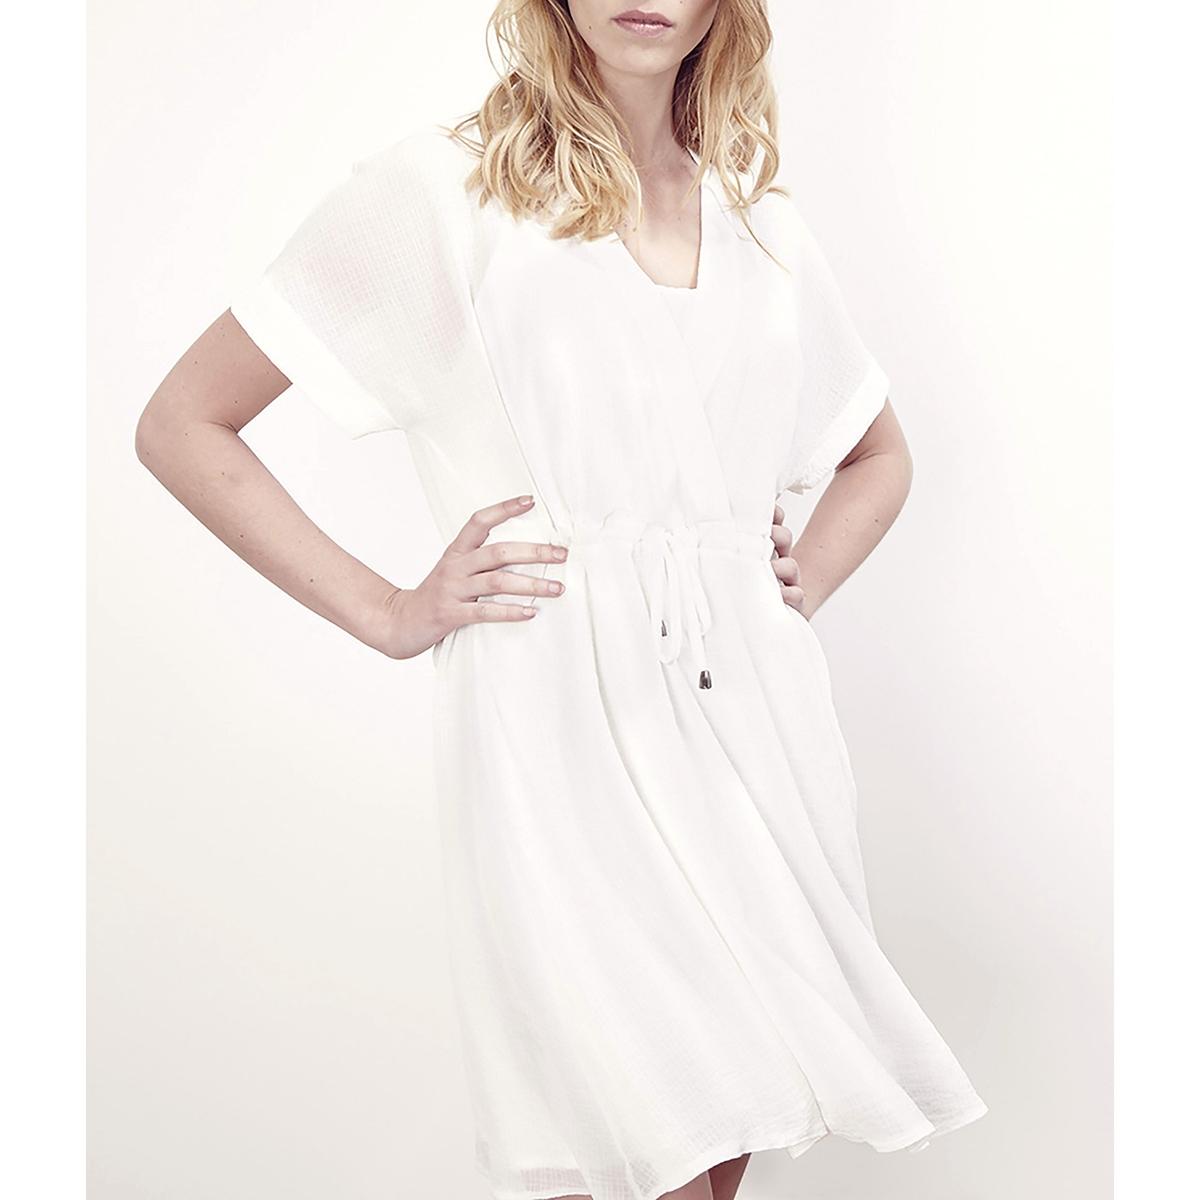 Платье с короткими рукавами RADIALСостав и детали     Материал: 100% полиэстера.     Марка    LENNY B.<br><br>Цвет: черный,экрю<br>Размер: 2(M)